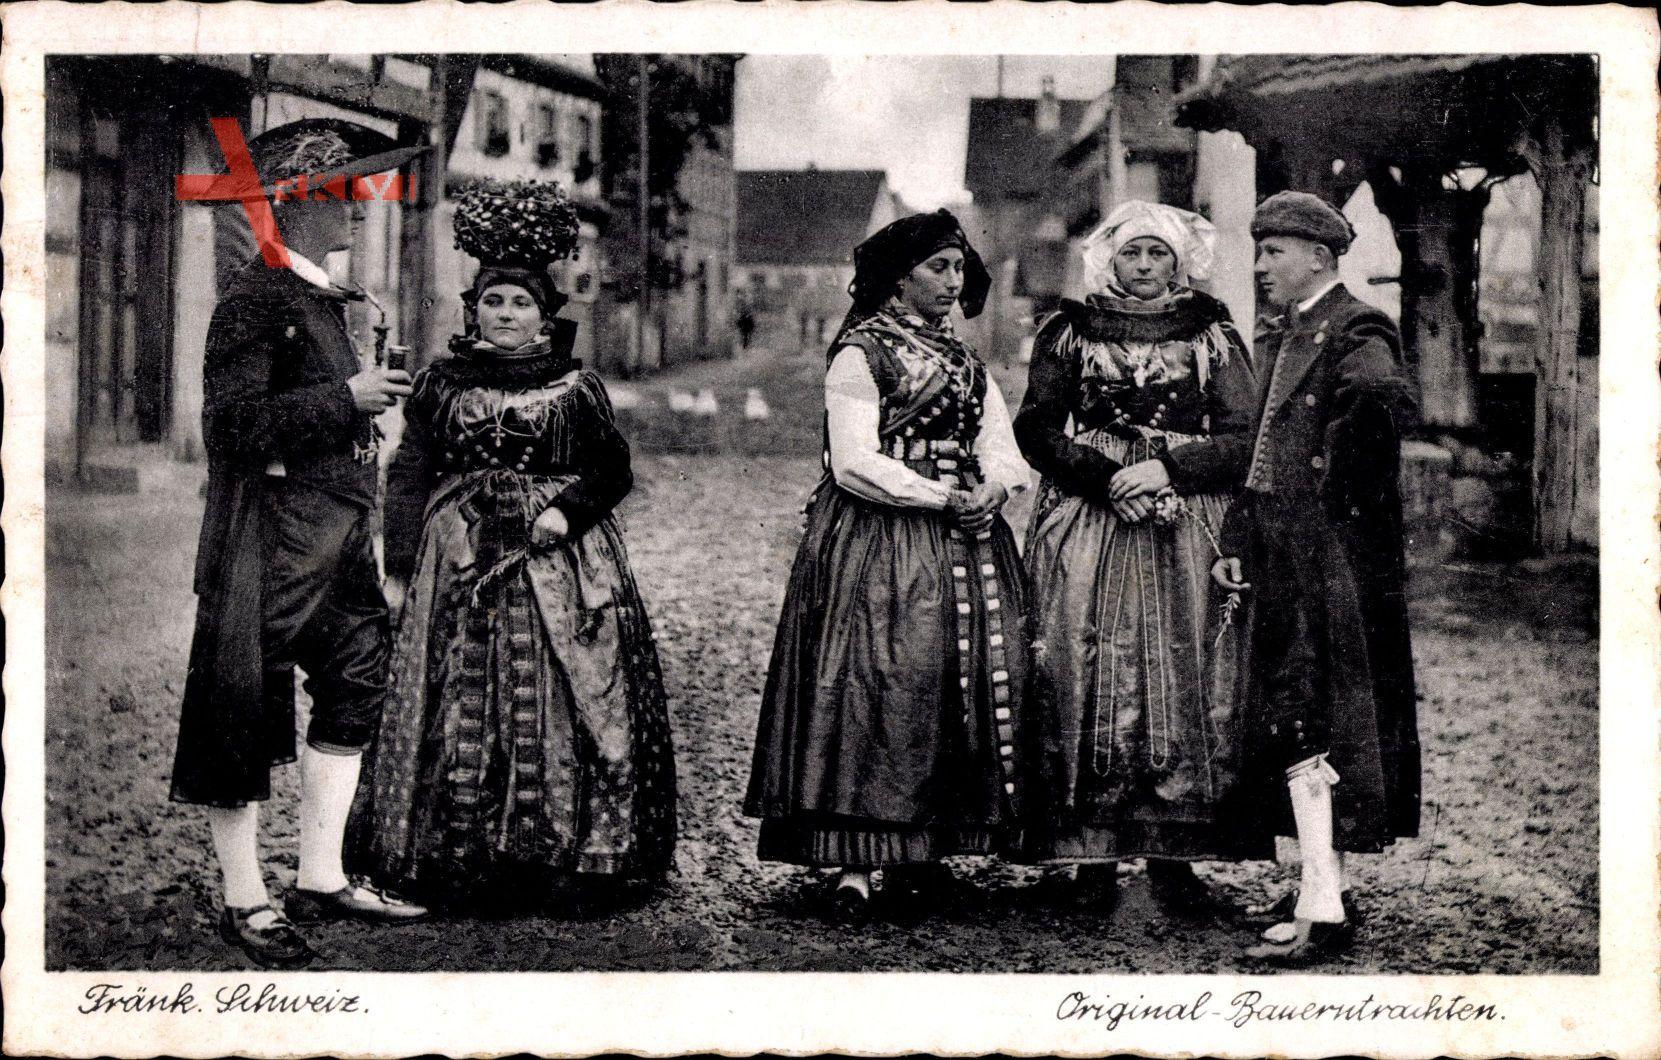 Fränkische Schweiz, Original Bauerntrachten, Frauen, Männer